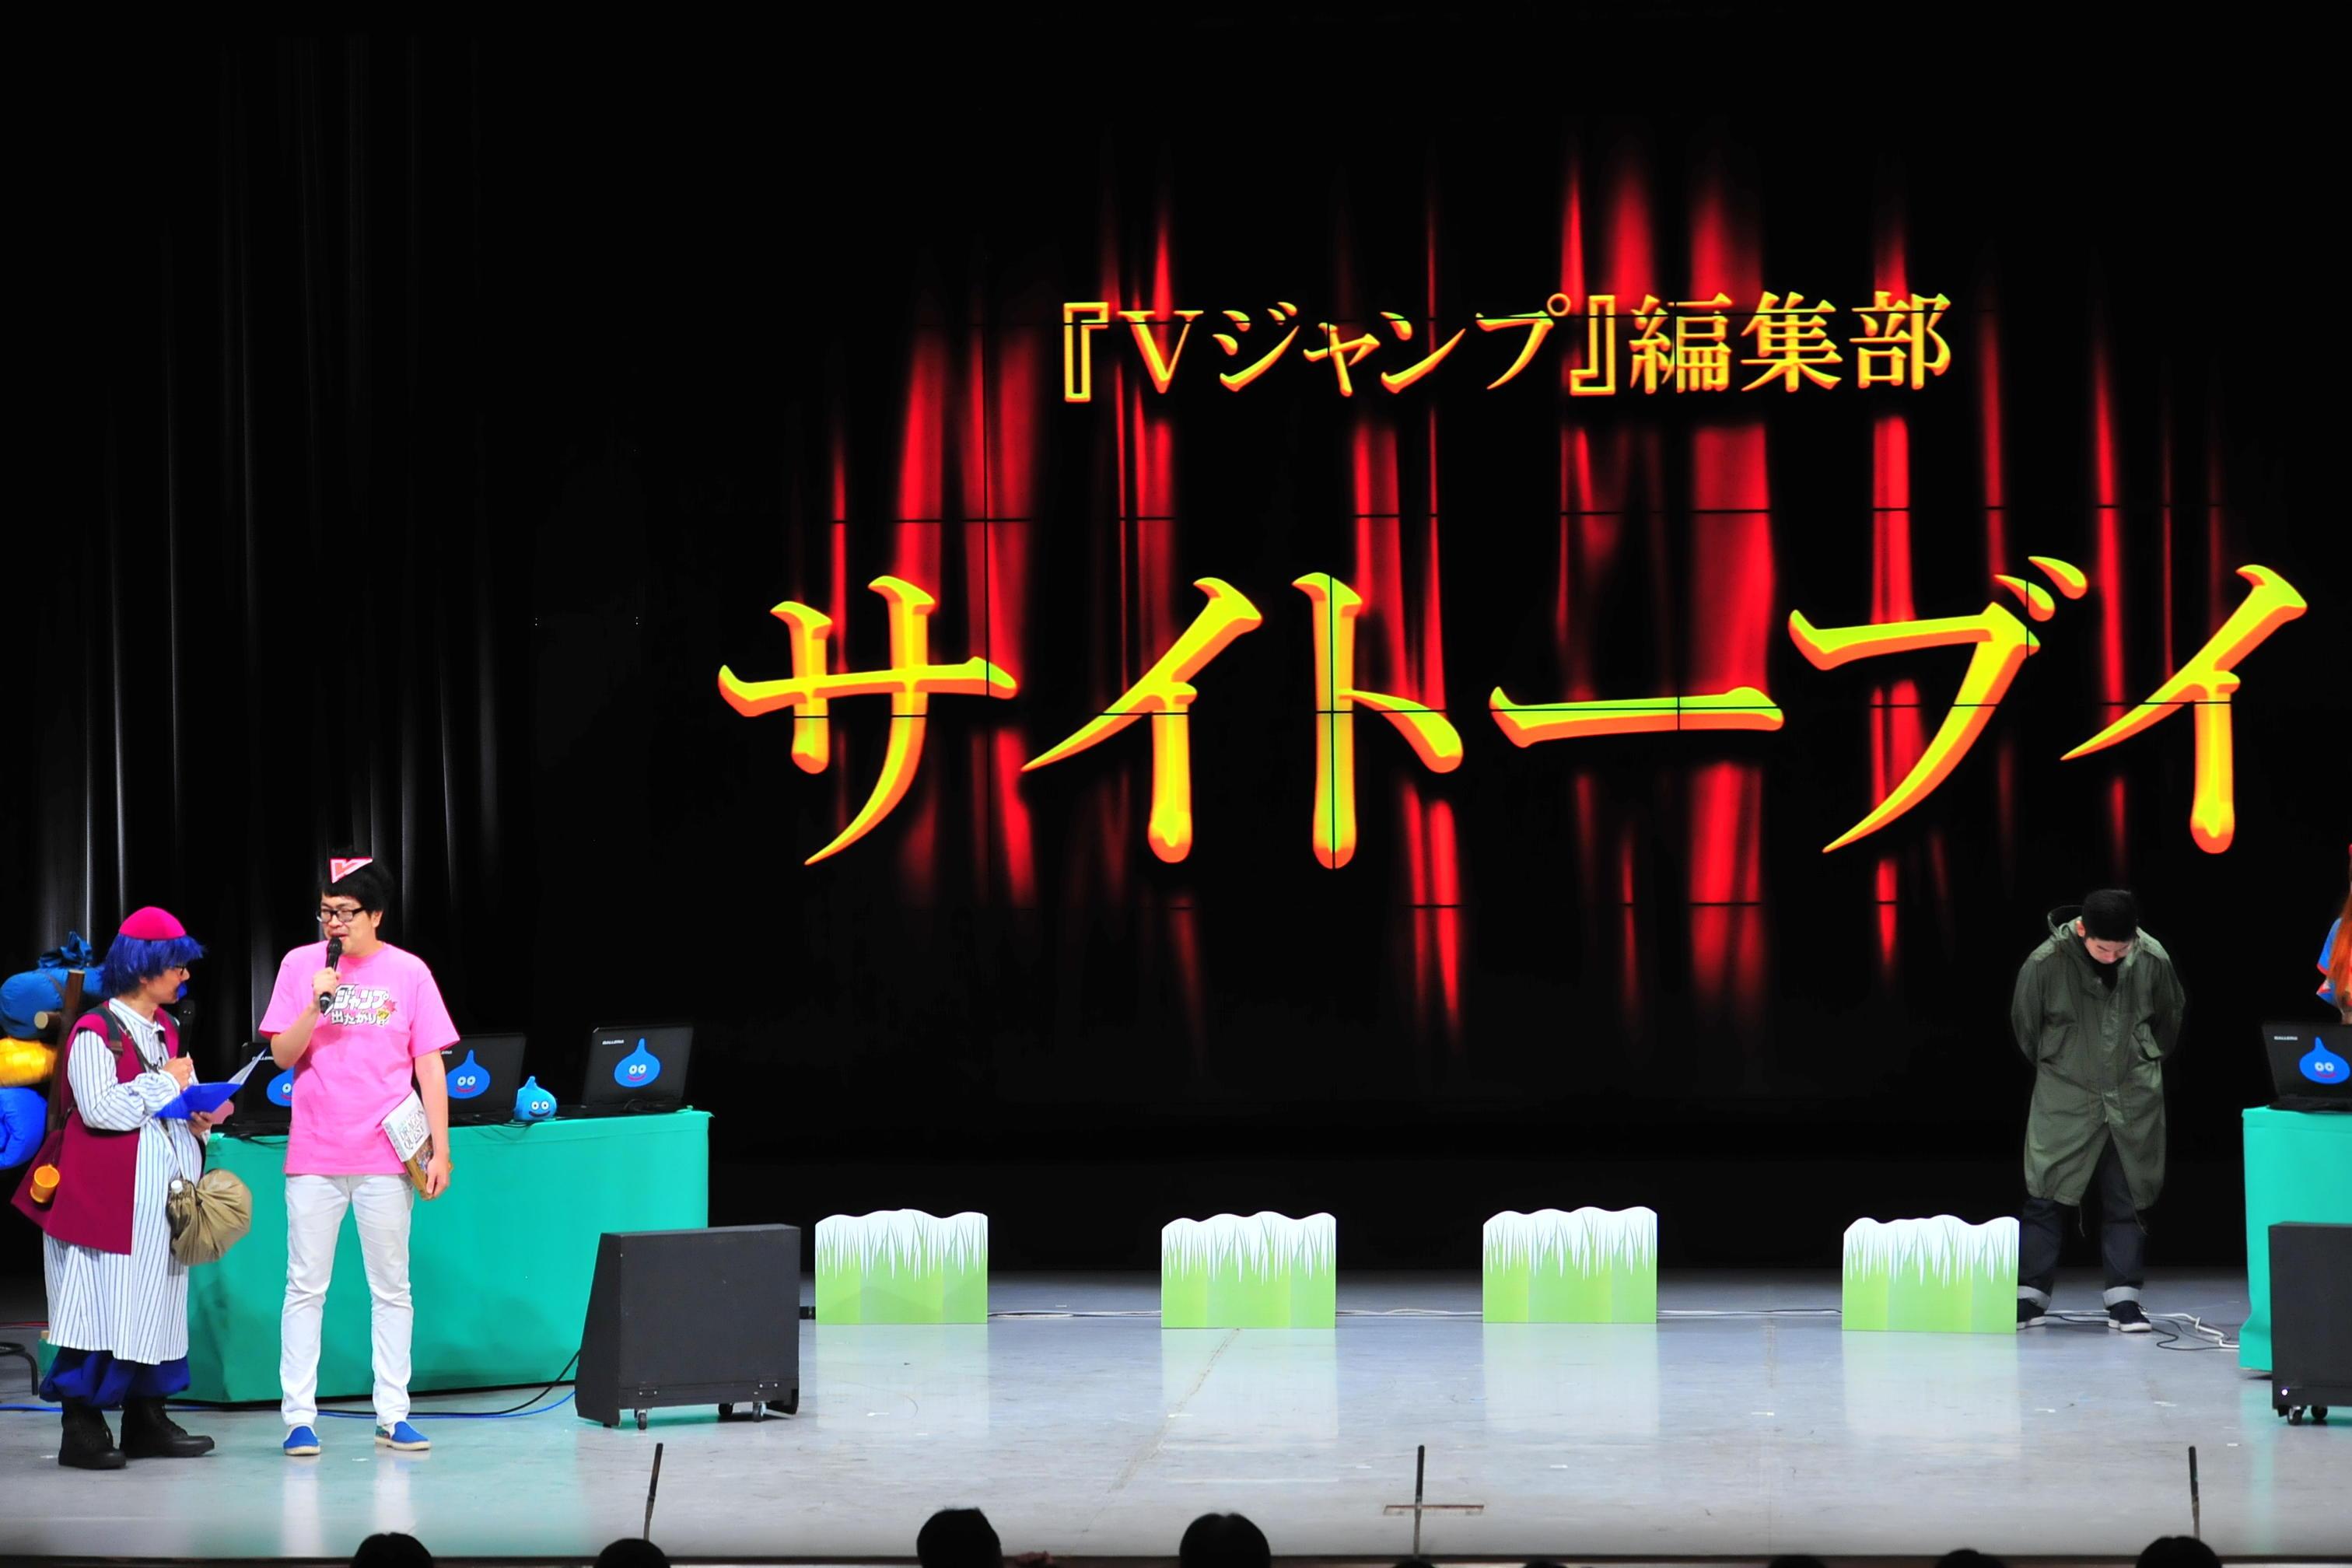 http://news.yoshimoto.co.jp/20160613100633-65baaf8c278837e57f305d85a2c35d5d240b3b19.jpg